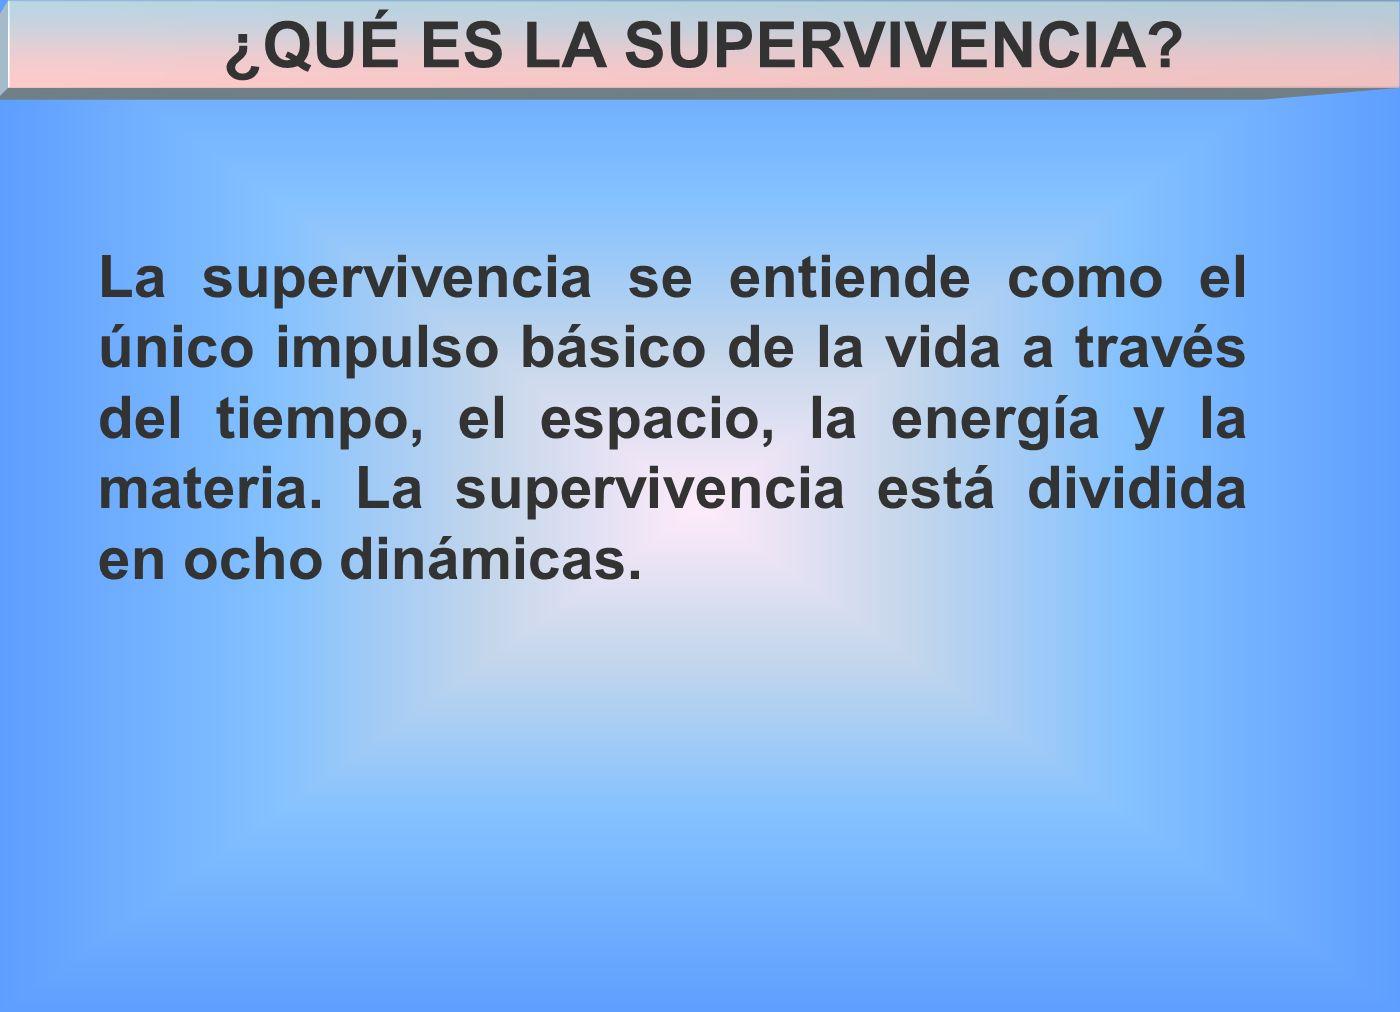 La supervivencia se entiende como el único impulso básico de la vida a través del tiempo, el espacio, la energía y la materia.